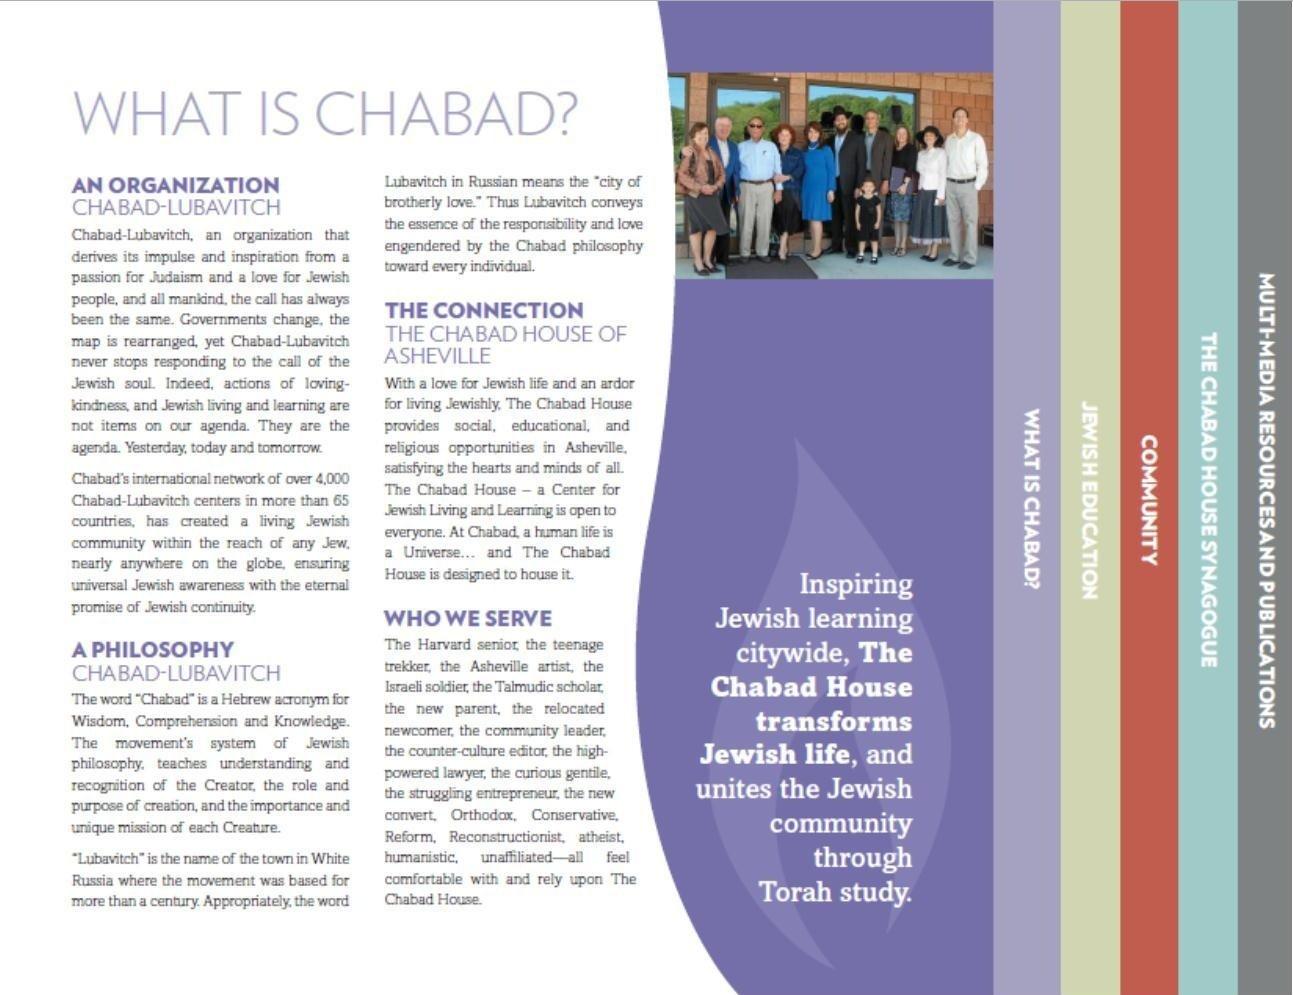 CH Brochure p5.jpg